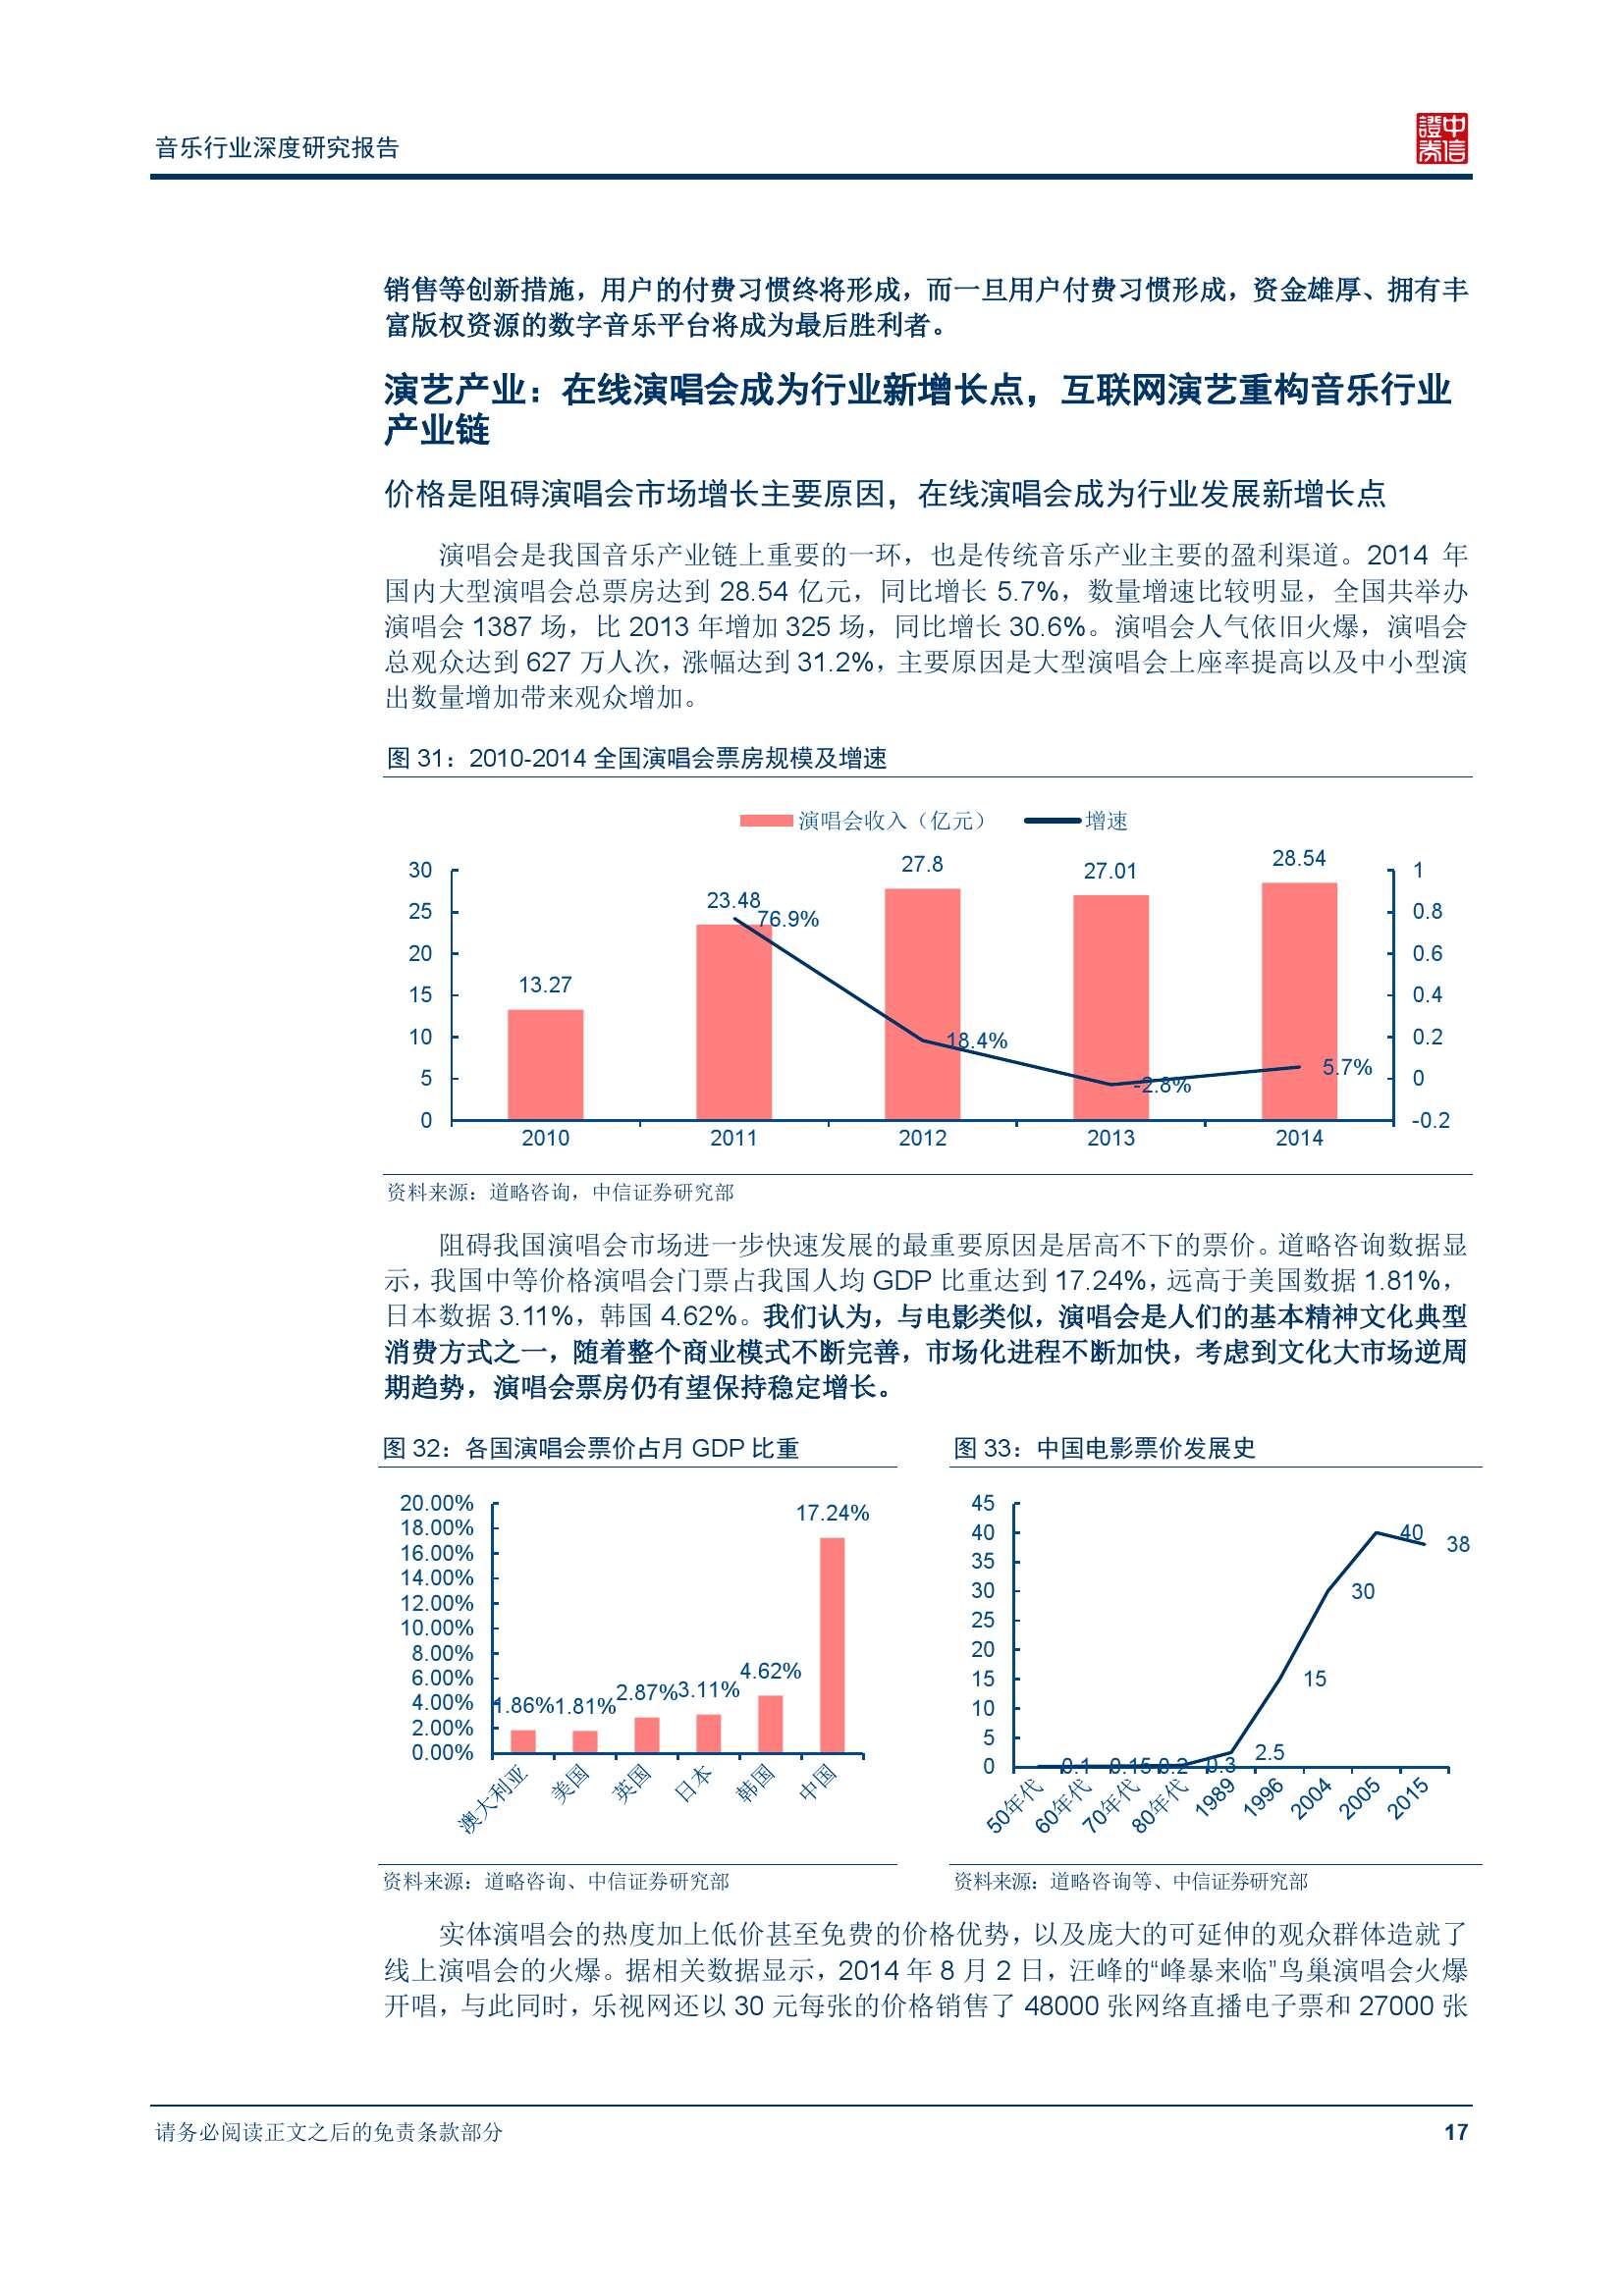 中信证券音乐行业深度研究报告_000022